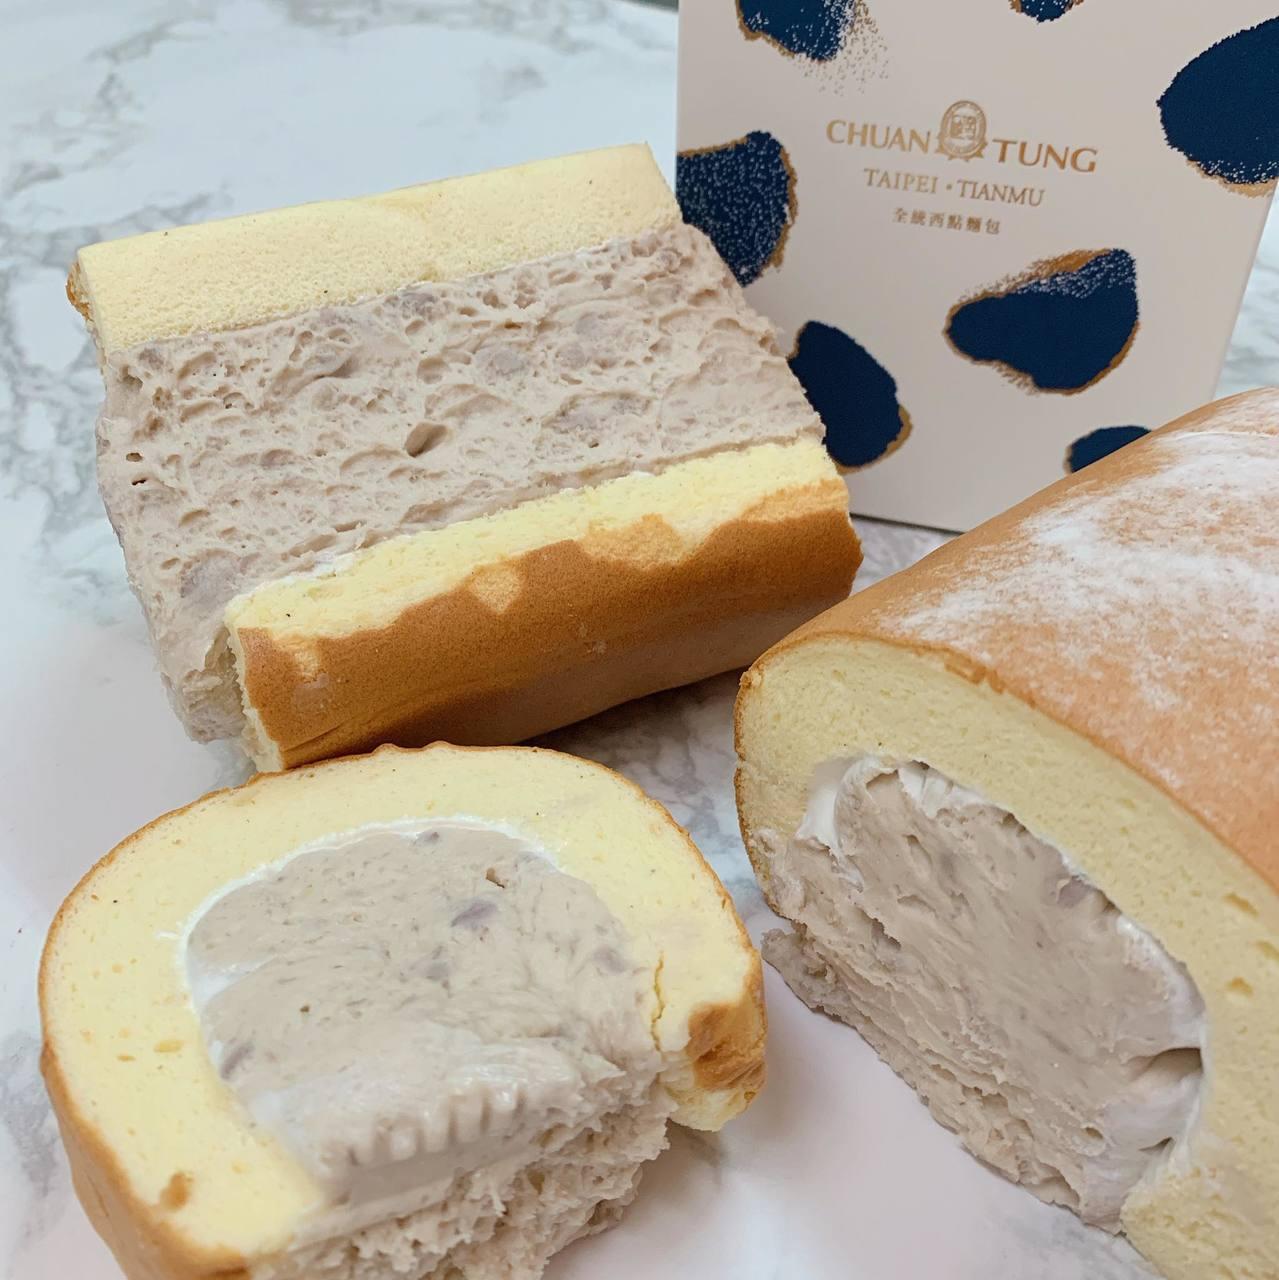 「芋頭生乳捲」內餡爆多。圖/全統西點麵包提供